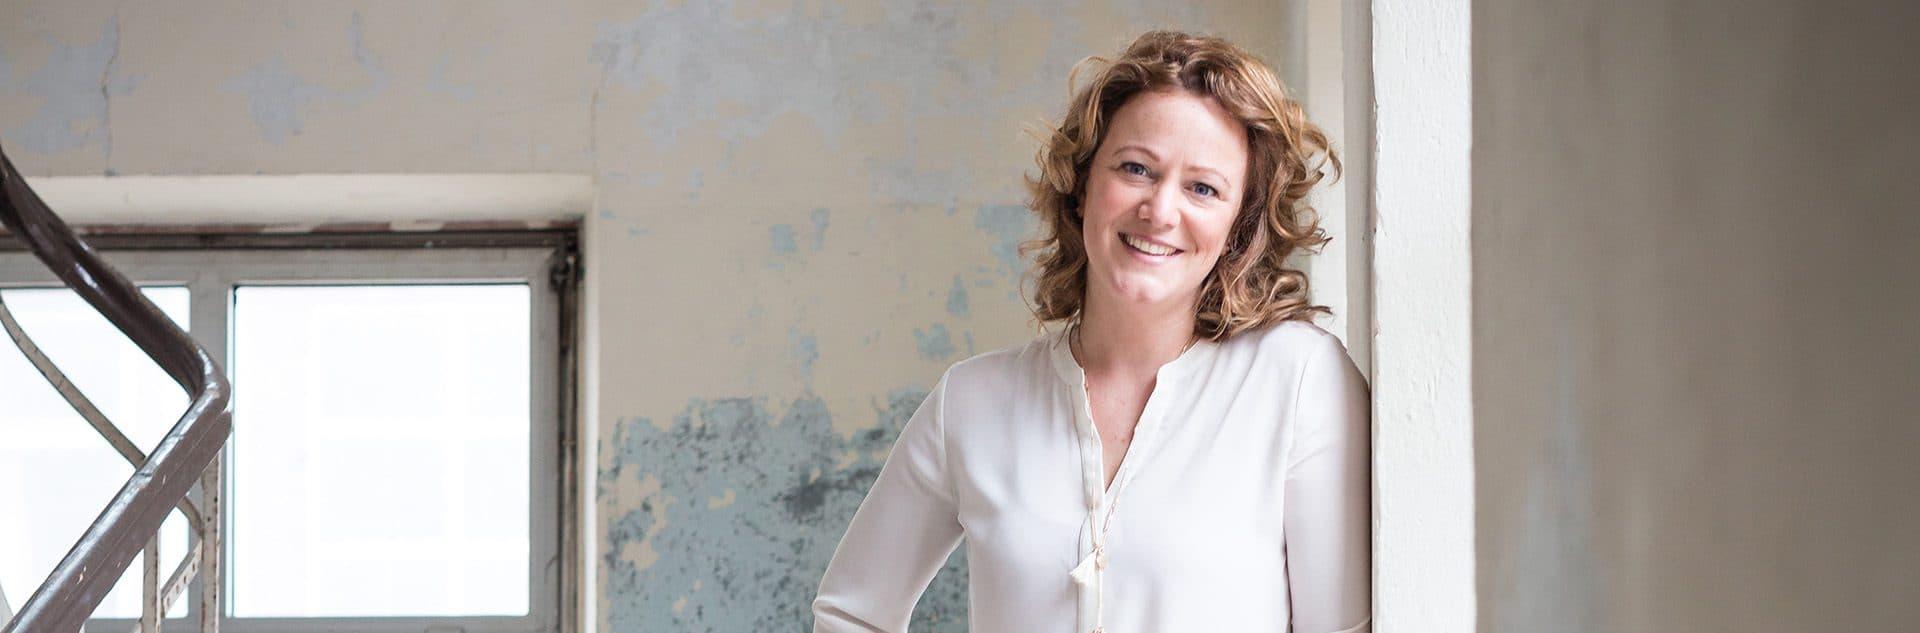 Karlijn Cobelens executive coaching vrouw psychiater kinderpsychiater POH GGZ